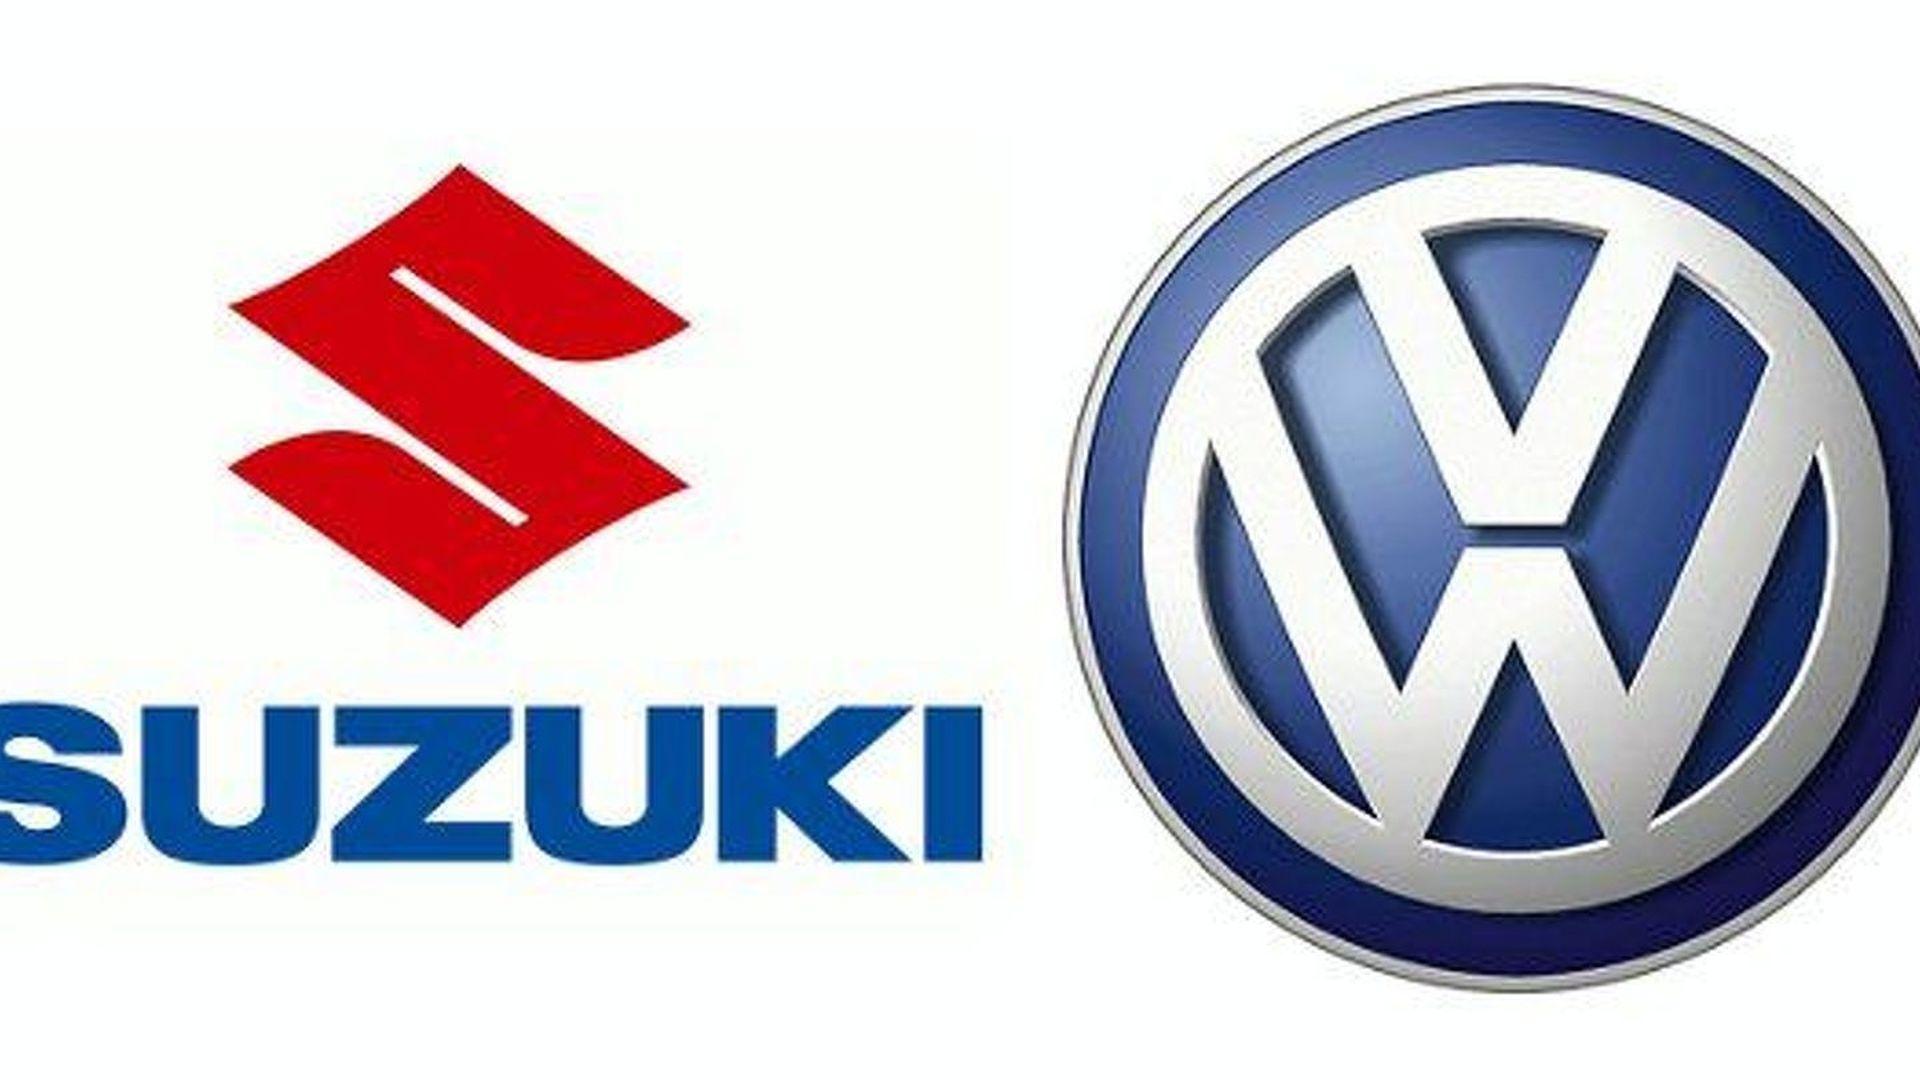 Suzuki to buyback Volkswagen stake for $3.8 billion